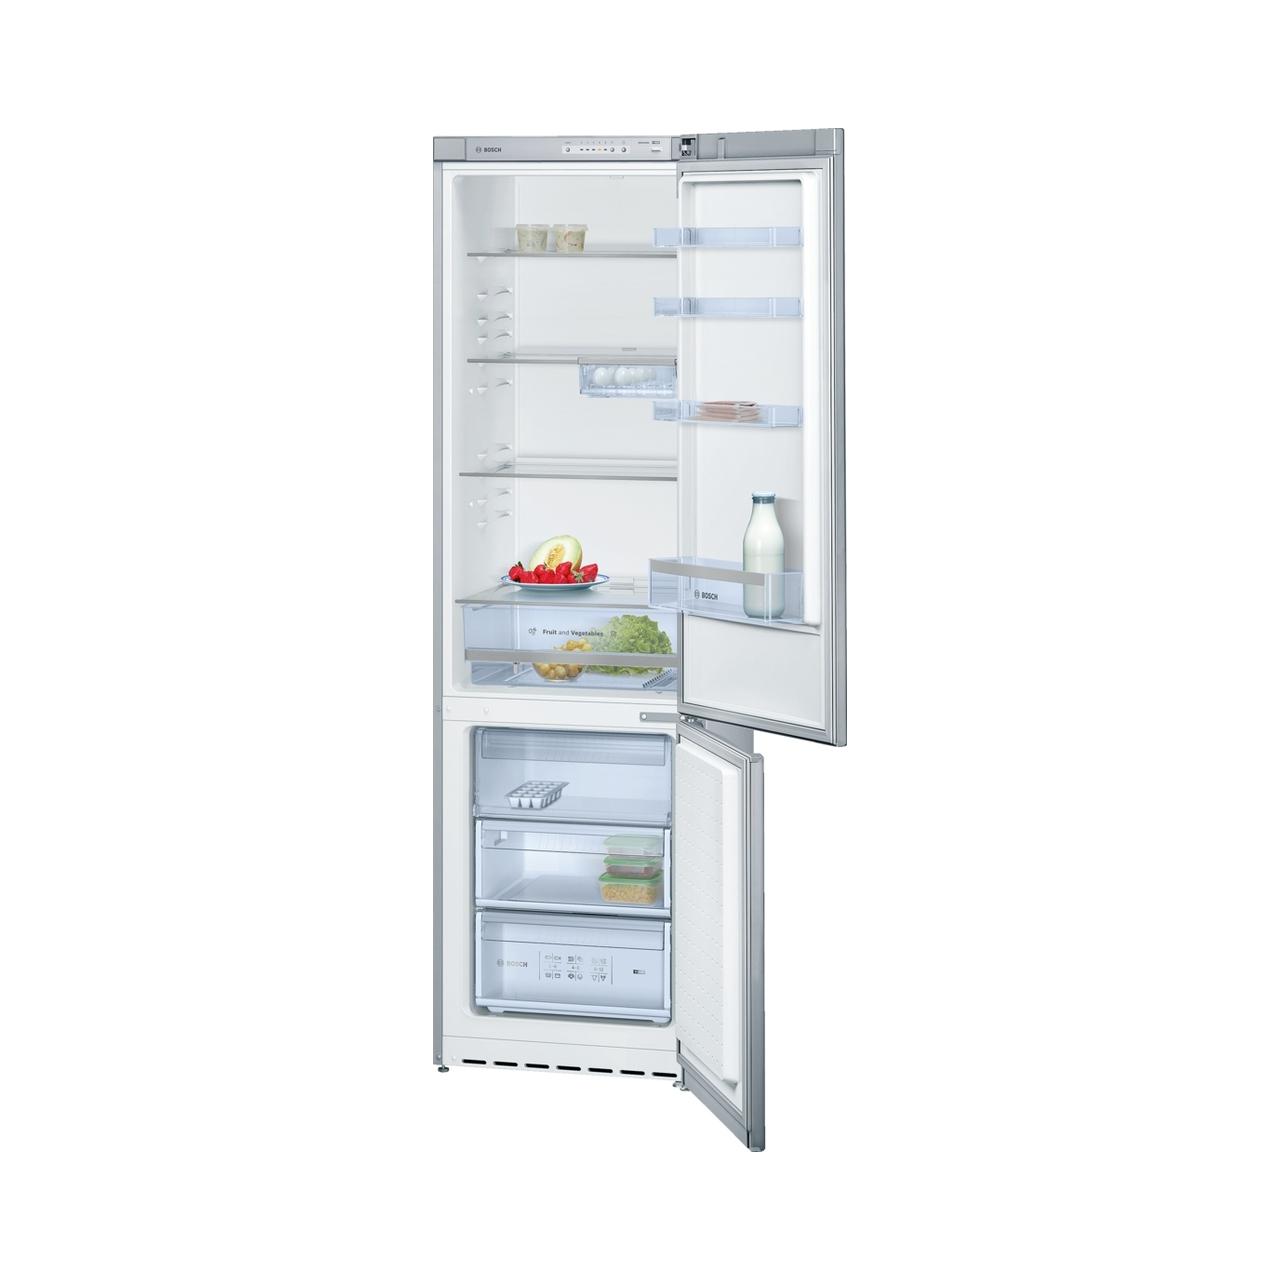 Tủ lạnh đơn BOSCH KGV39VL23E Serie 4